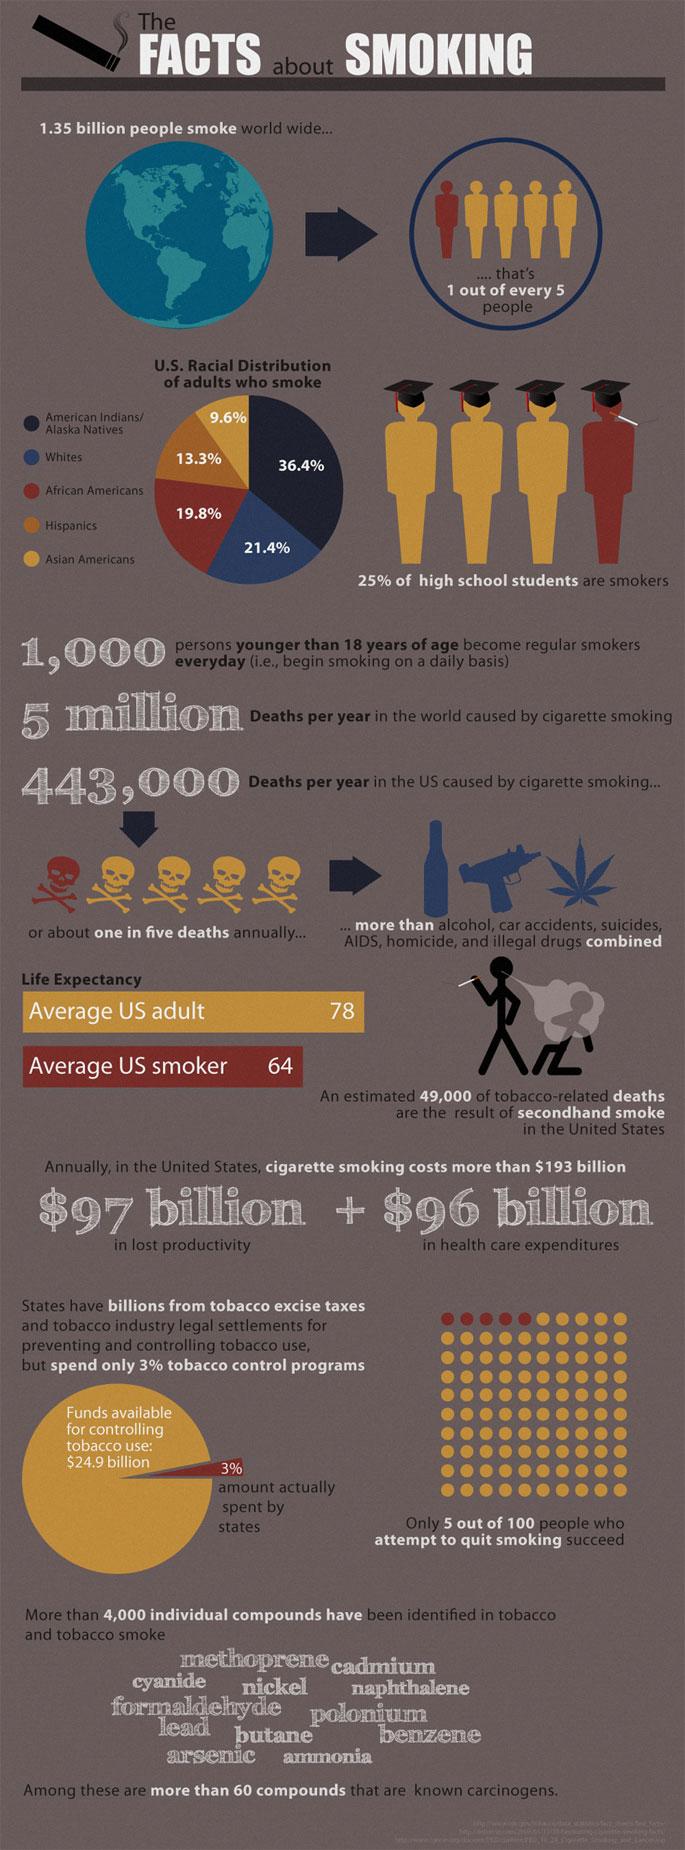 2010 Smoking Statistics - Cigarette Ingredients